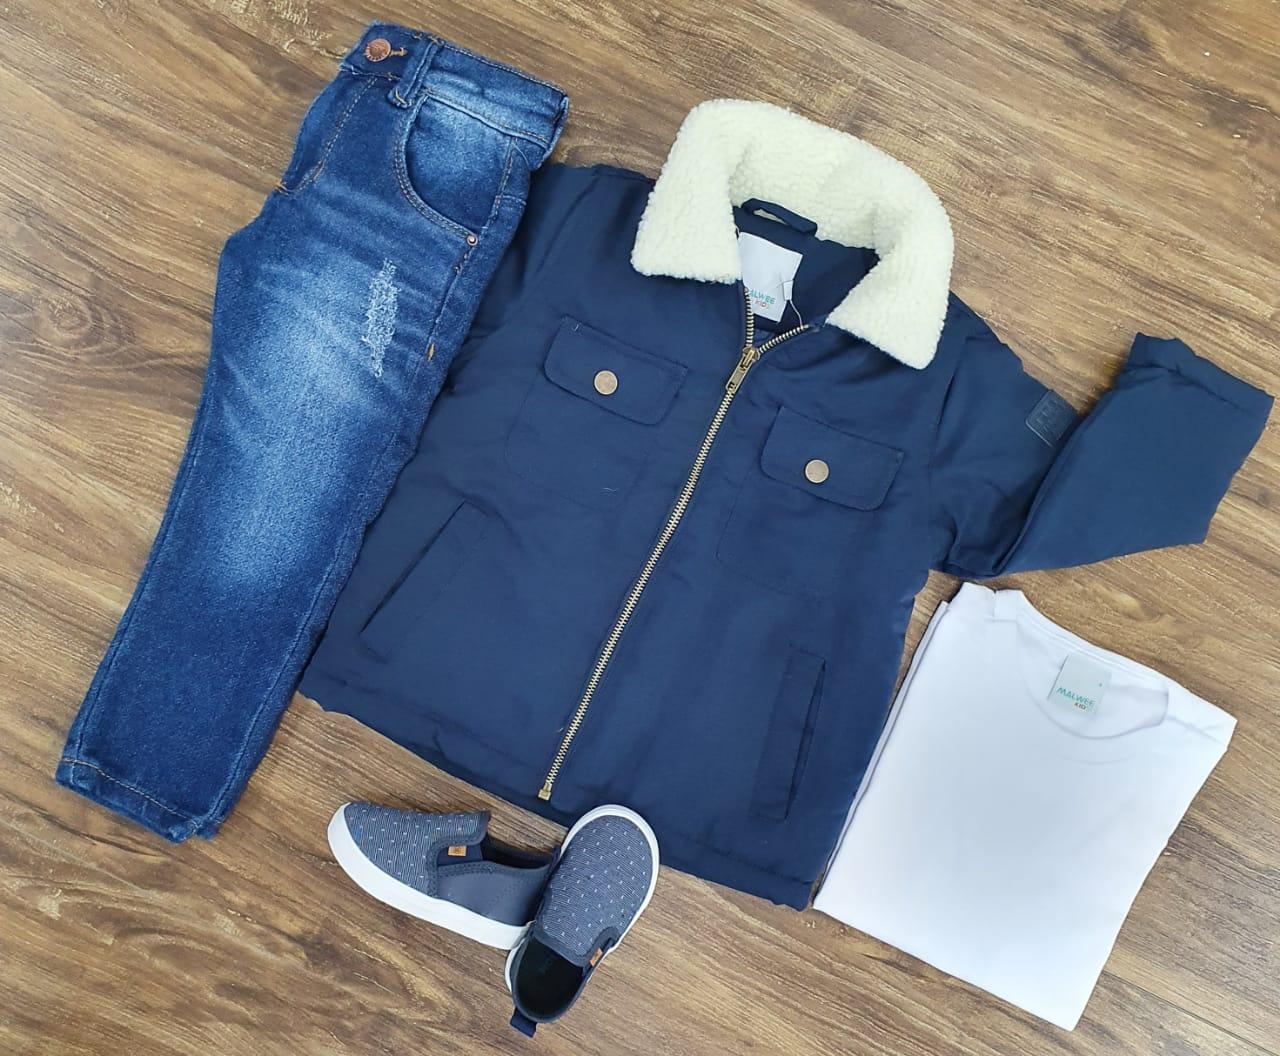 Calça Jeans com Camiseta e Jaqueta Azul Marinho